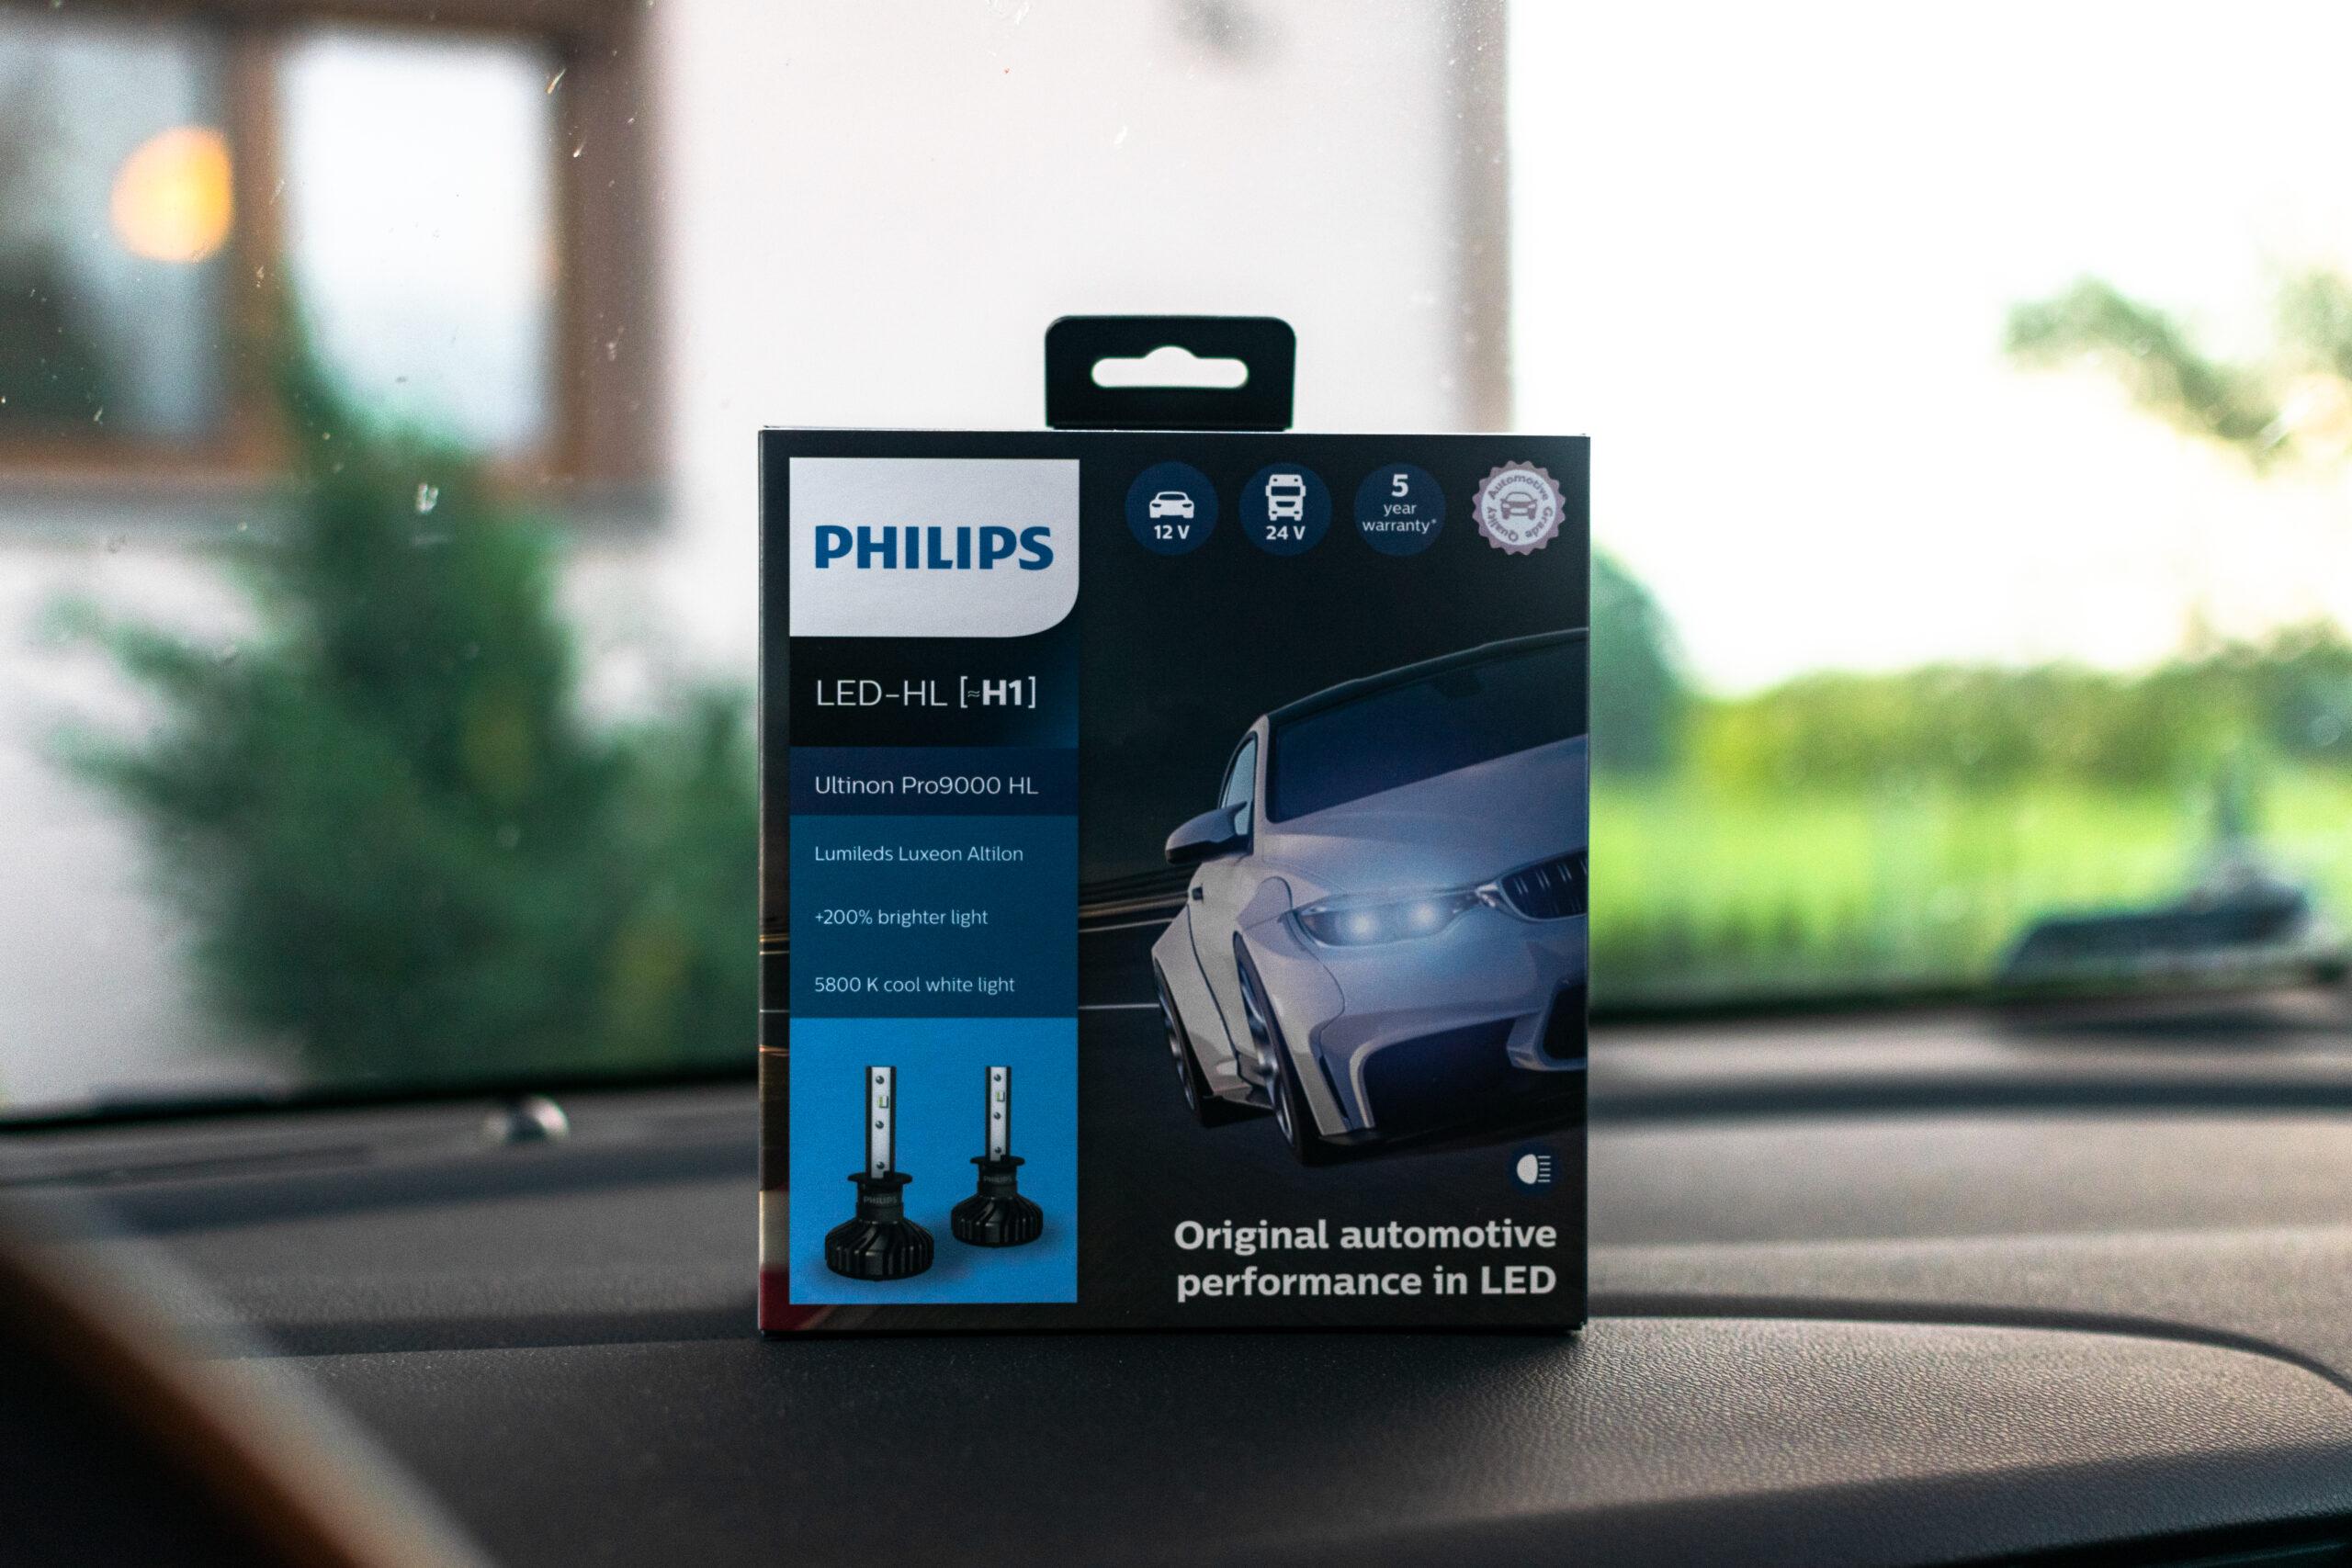 PHILIPS Ultinon Pro9000 LED